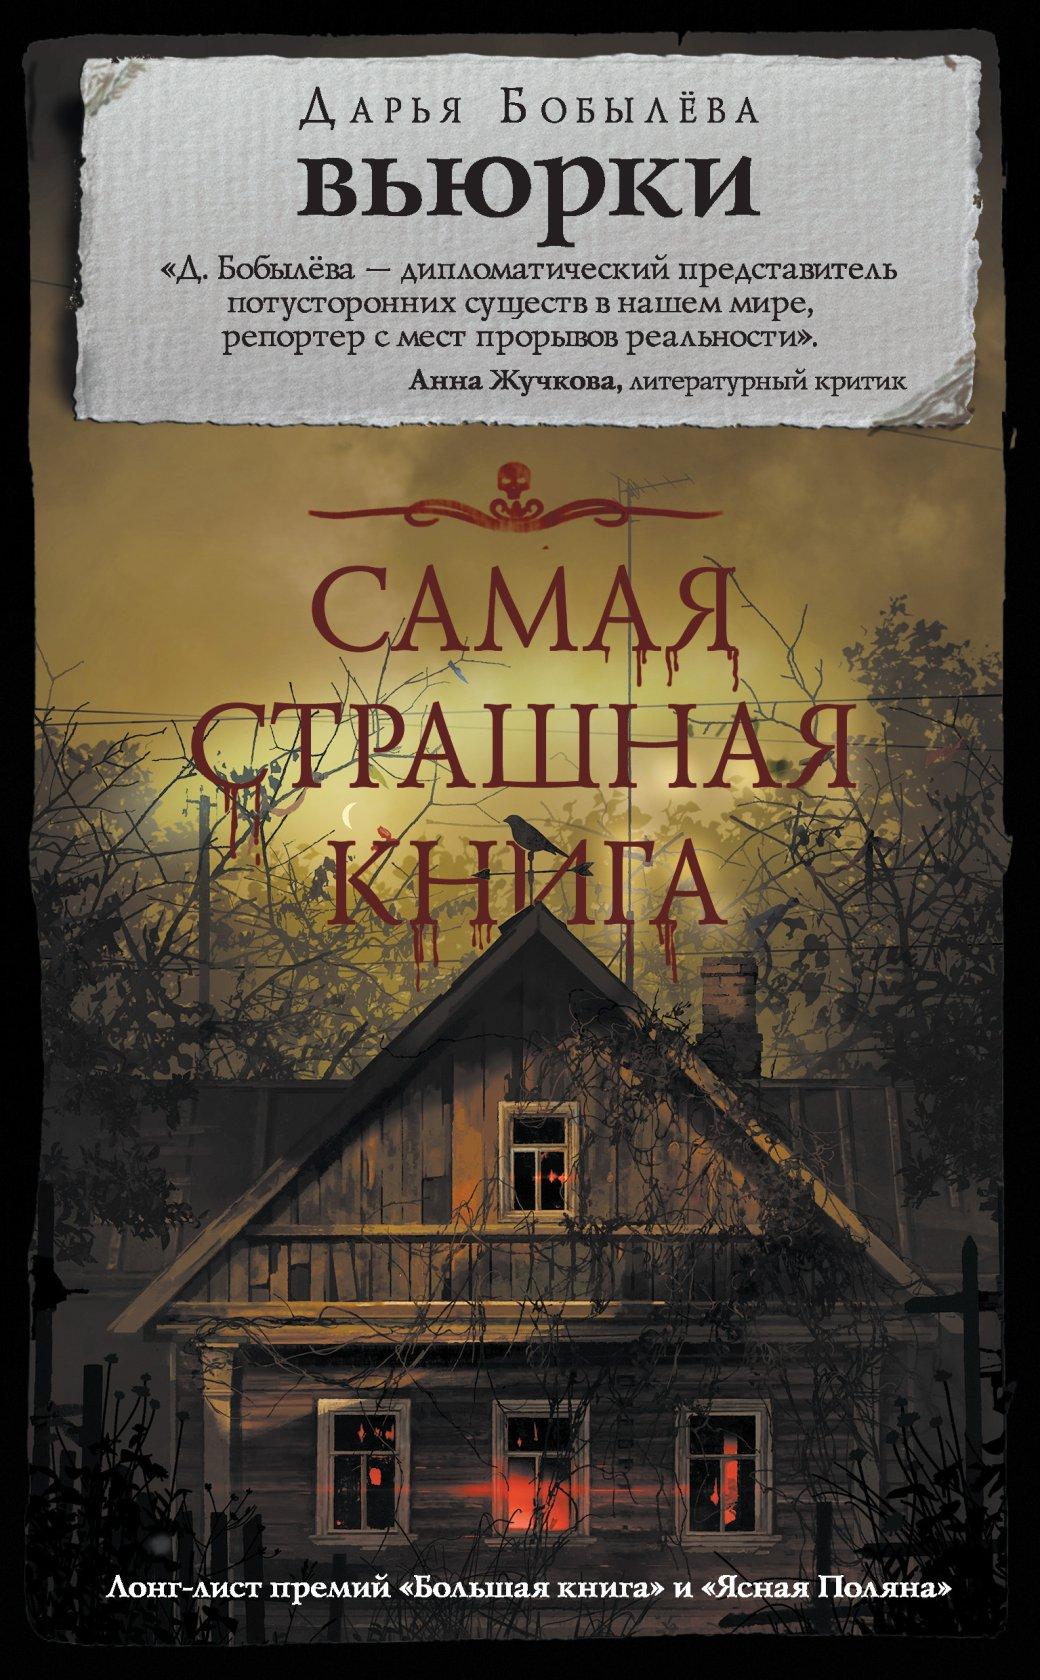 Новая волна: яркие русскоязычные авторы, пишущие фантастику ифэнтези | Канобу - Изображение 559